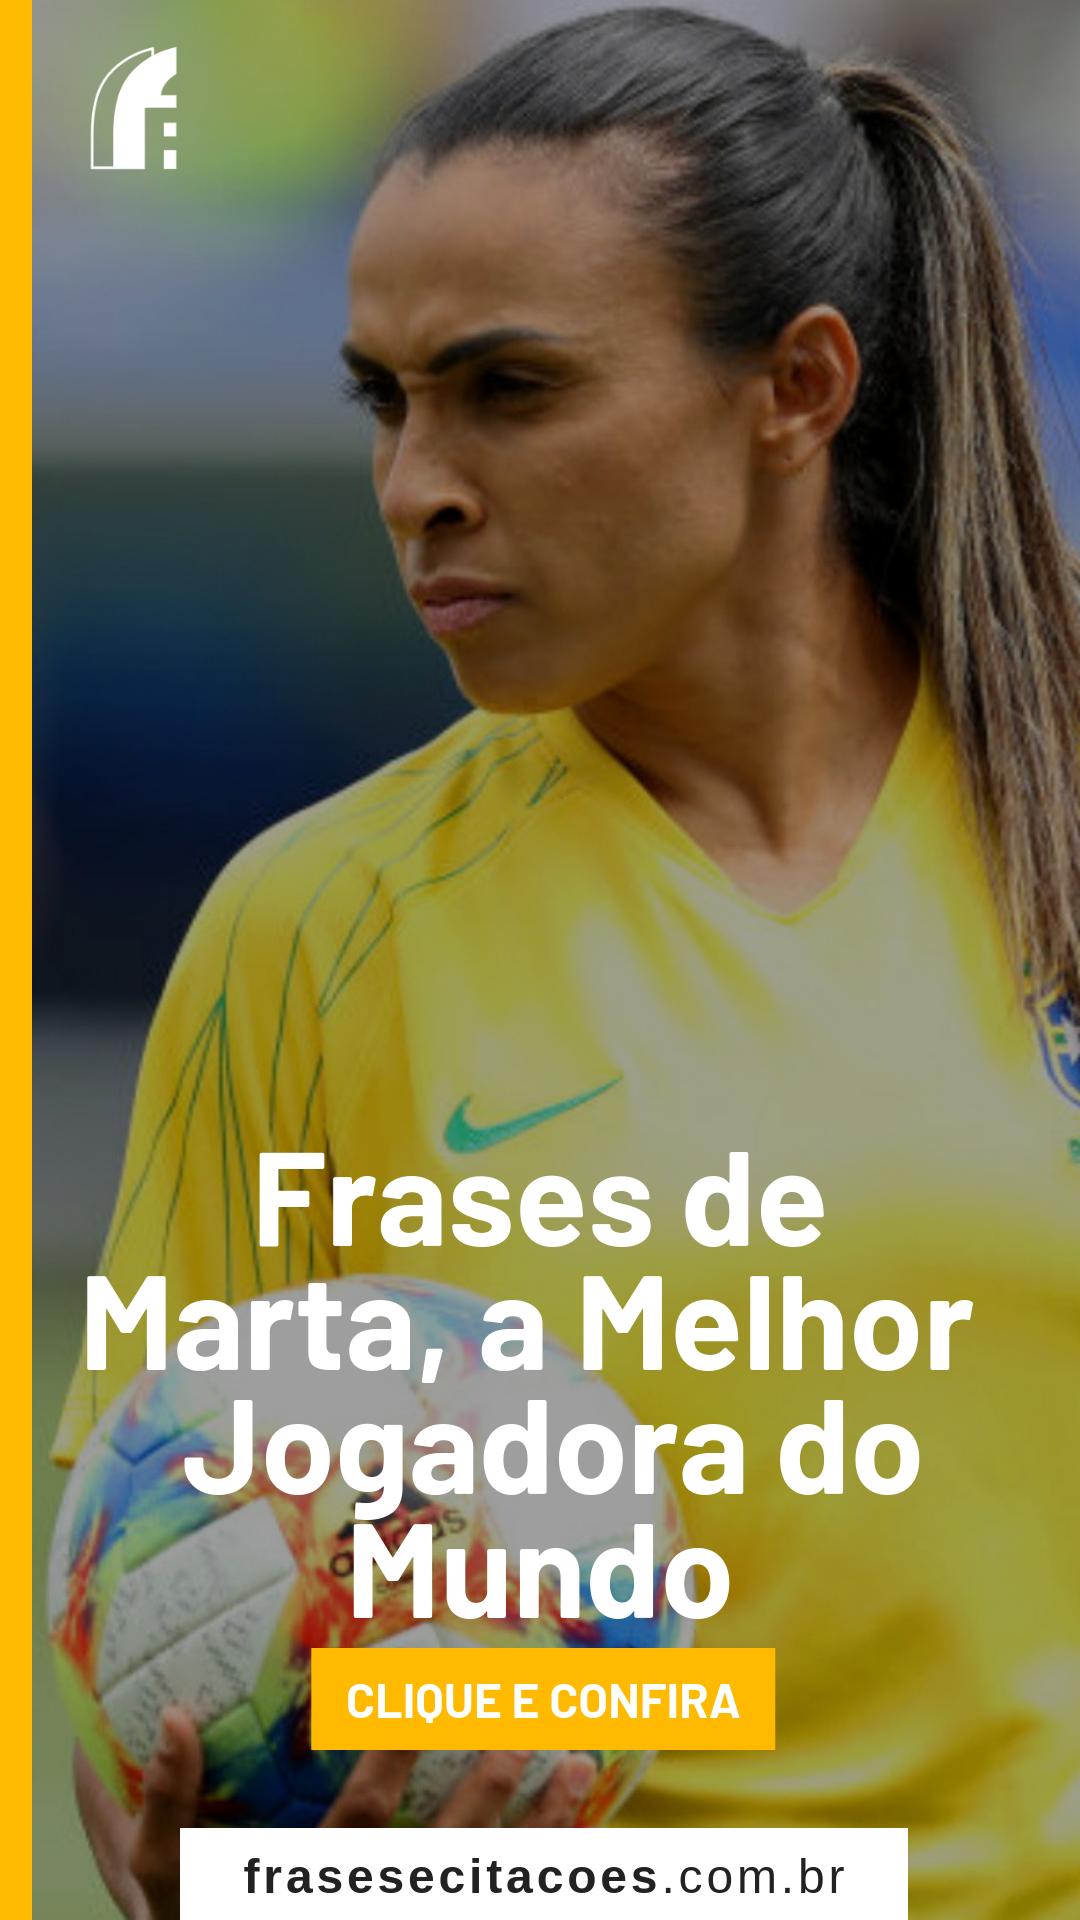 Frases De Marta A Melhor Jogadora Do Mundo Em Meio à Copa